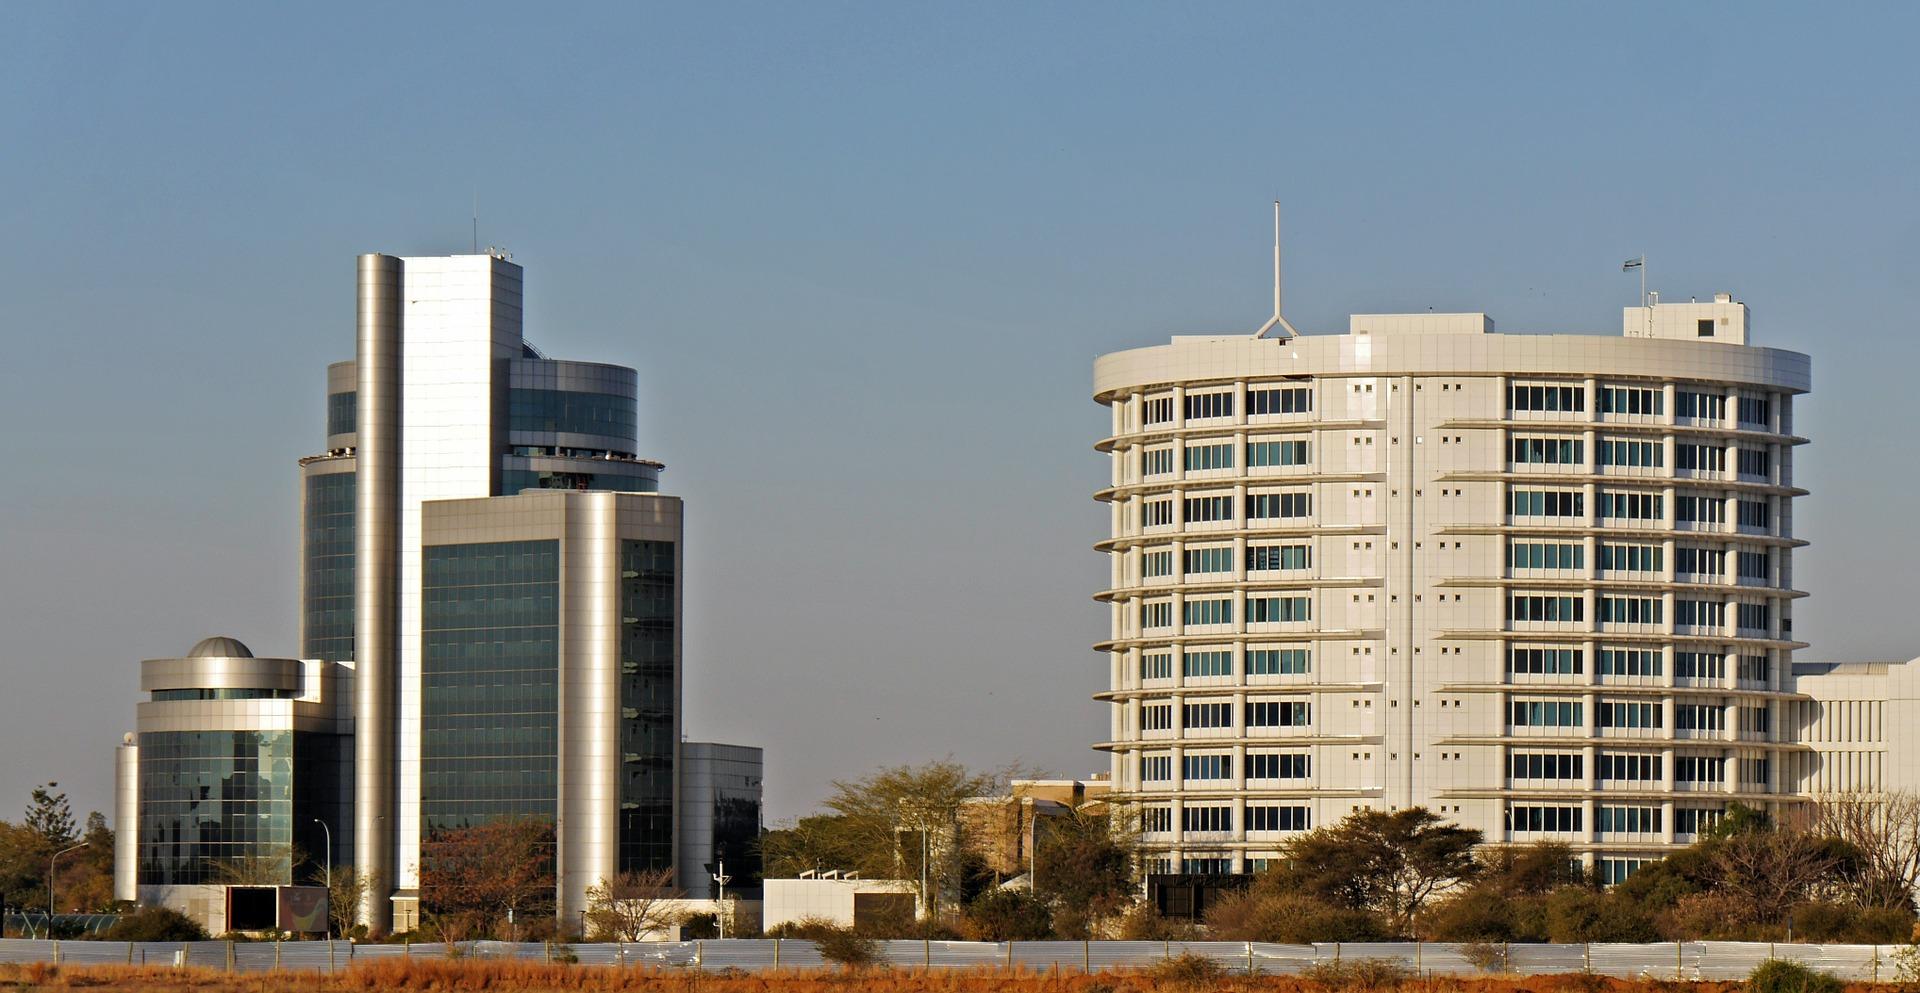 Botswana images